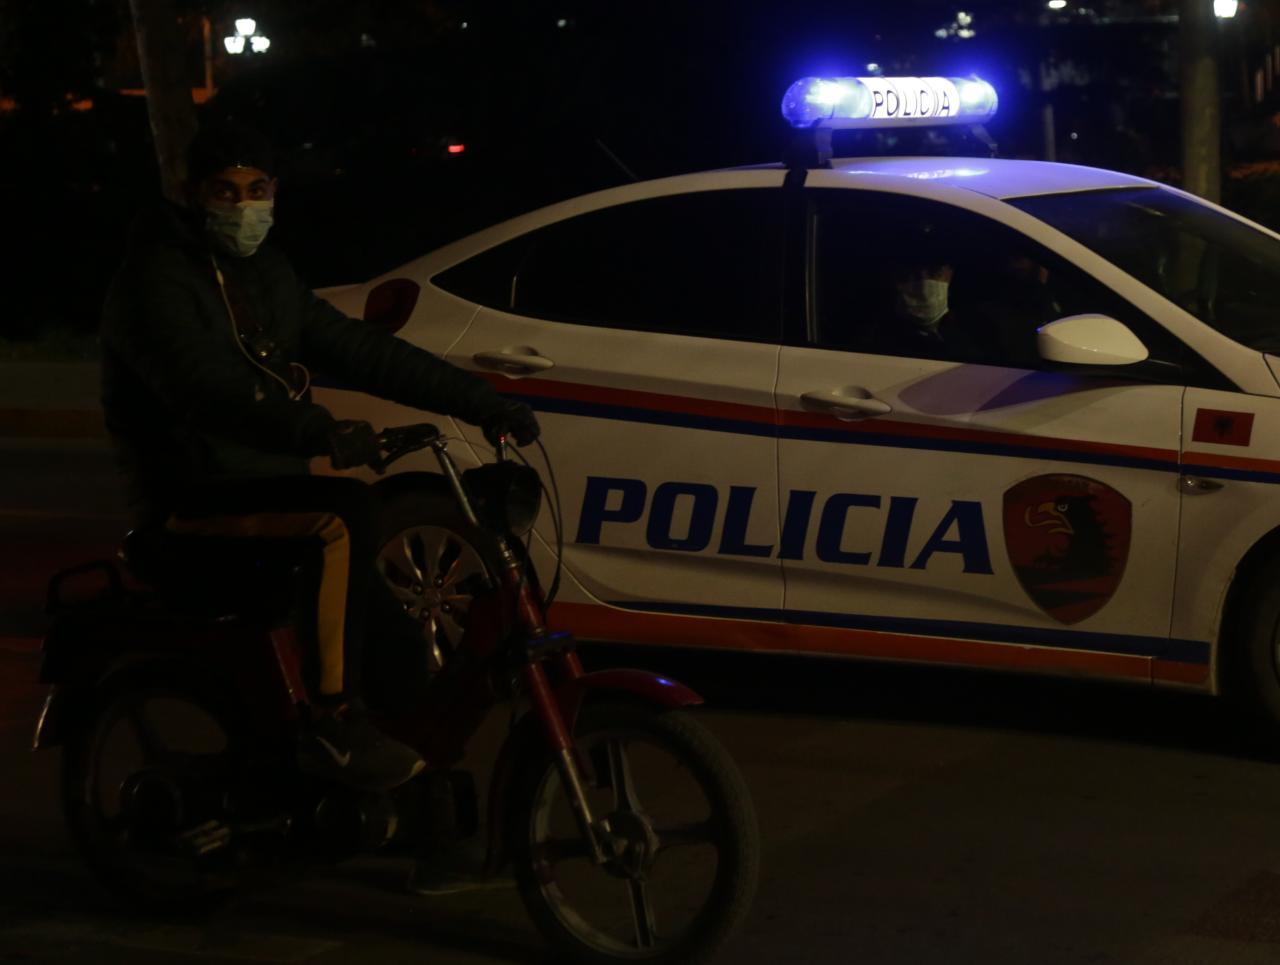 Makinë me logo televizioni dhe nuk bindet urdhrit të policisë, në kërkim shoferi në Gjirokastër